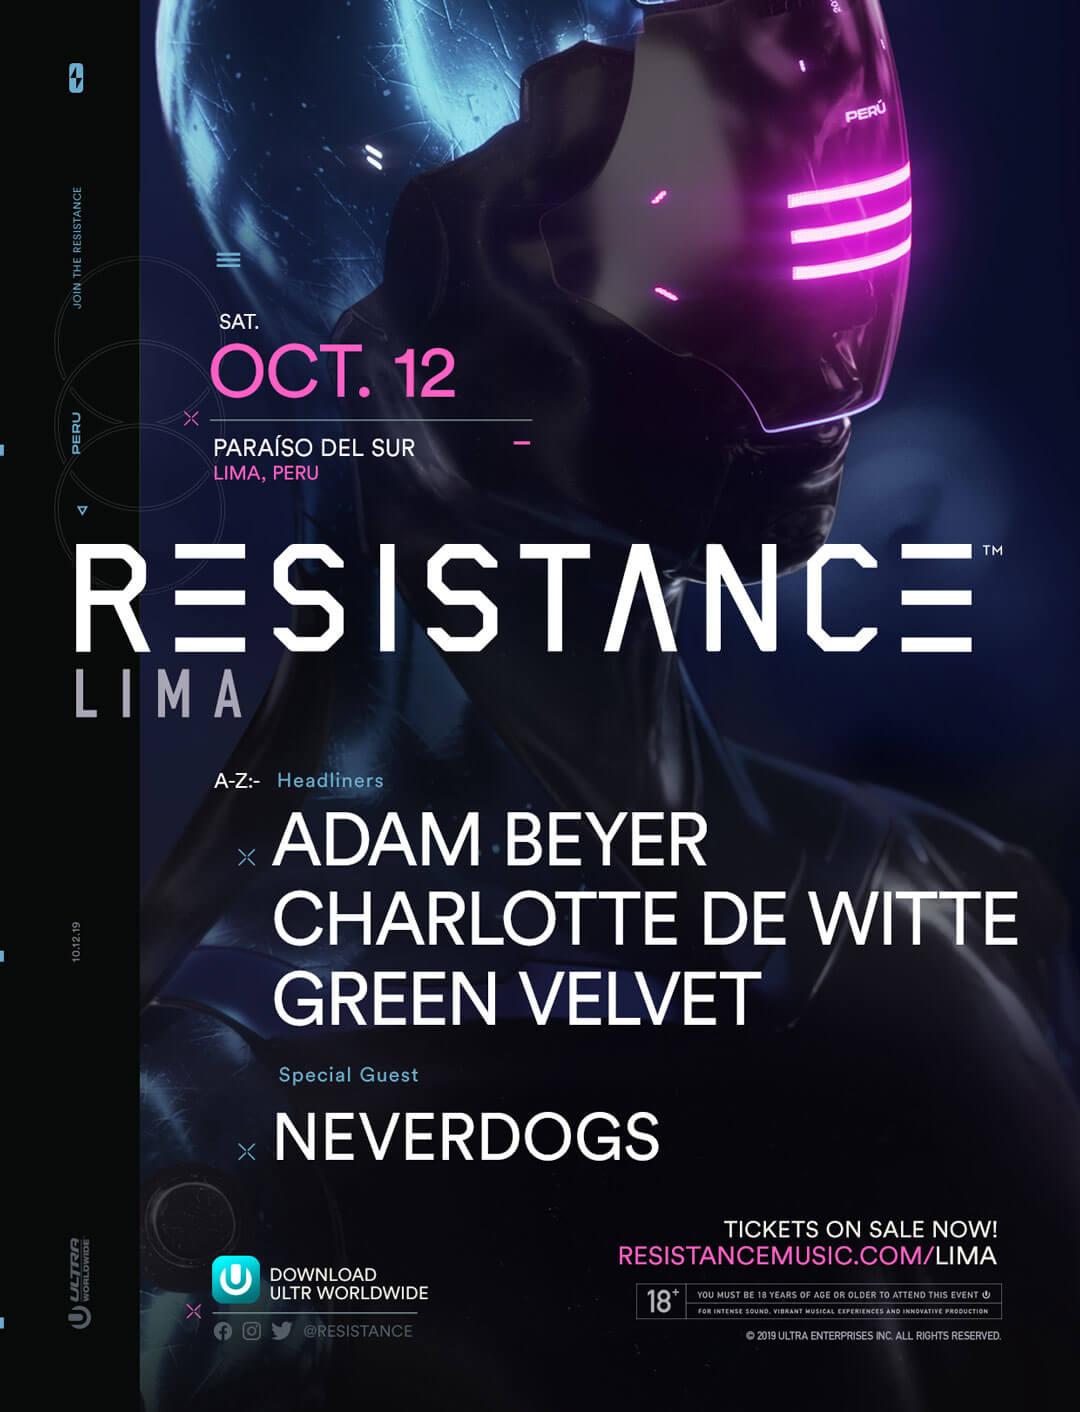 RESISTANCE Lima Announces Stellar Lineup